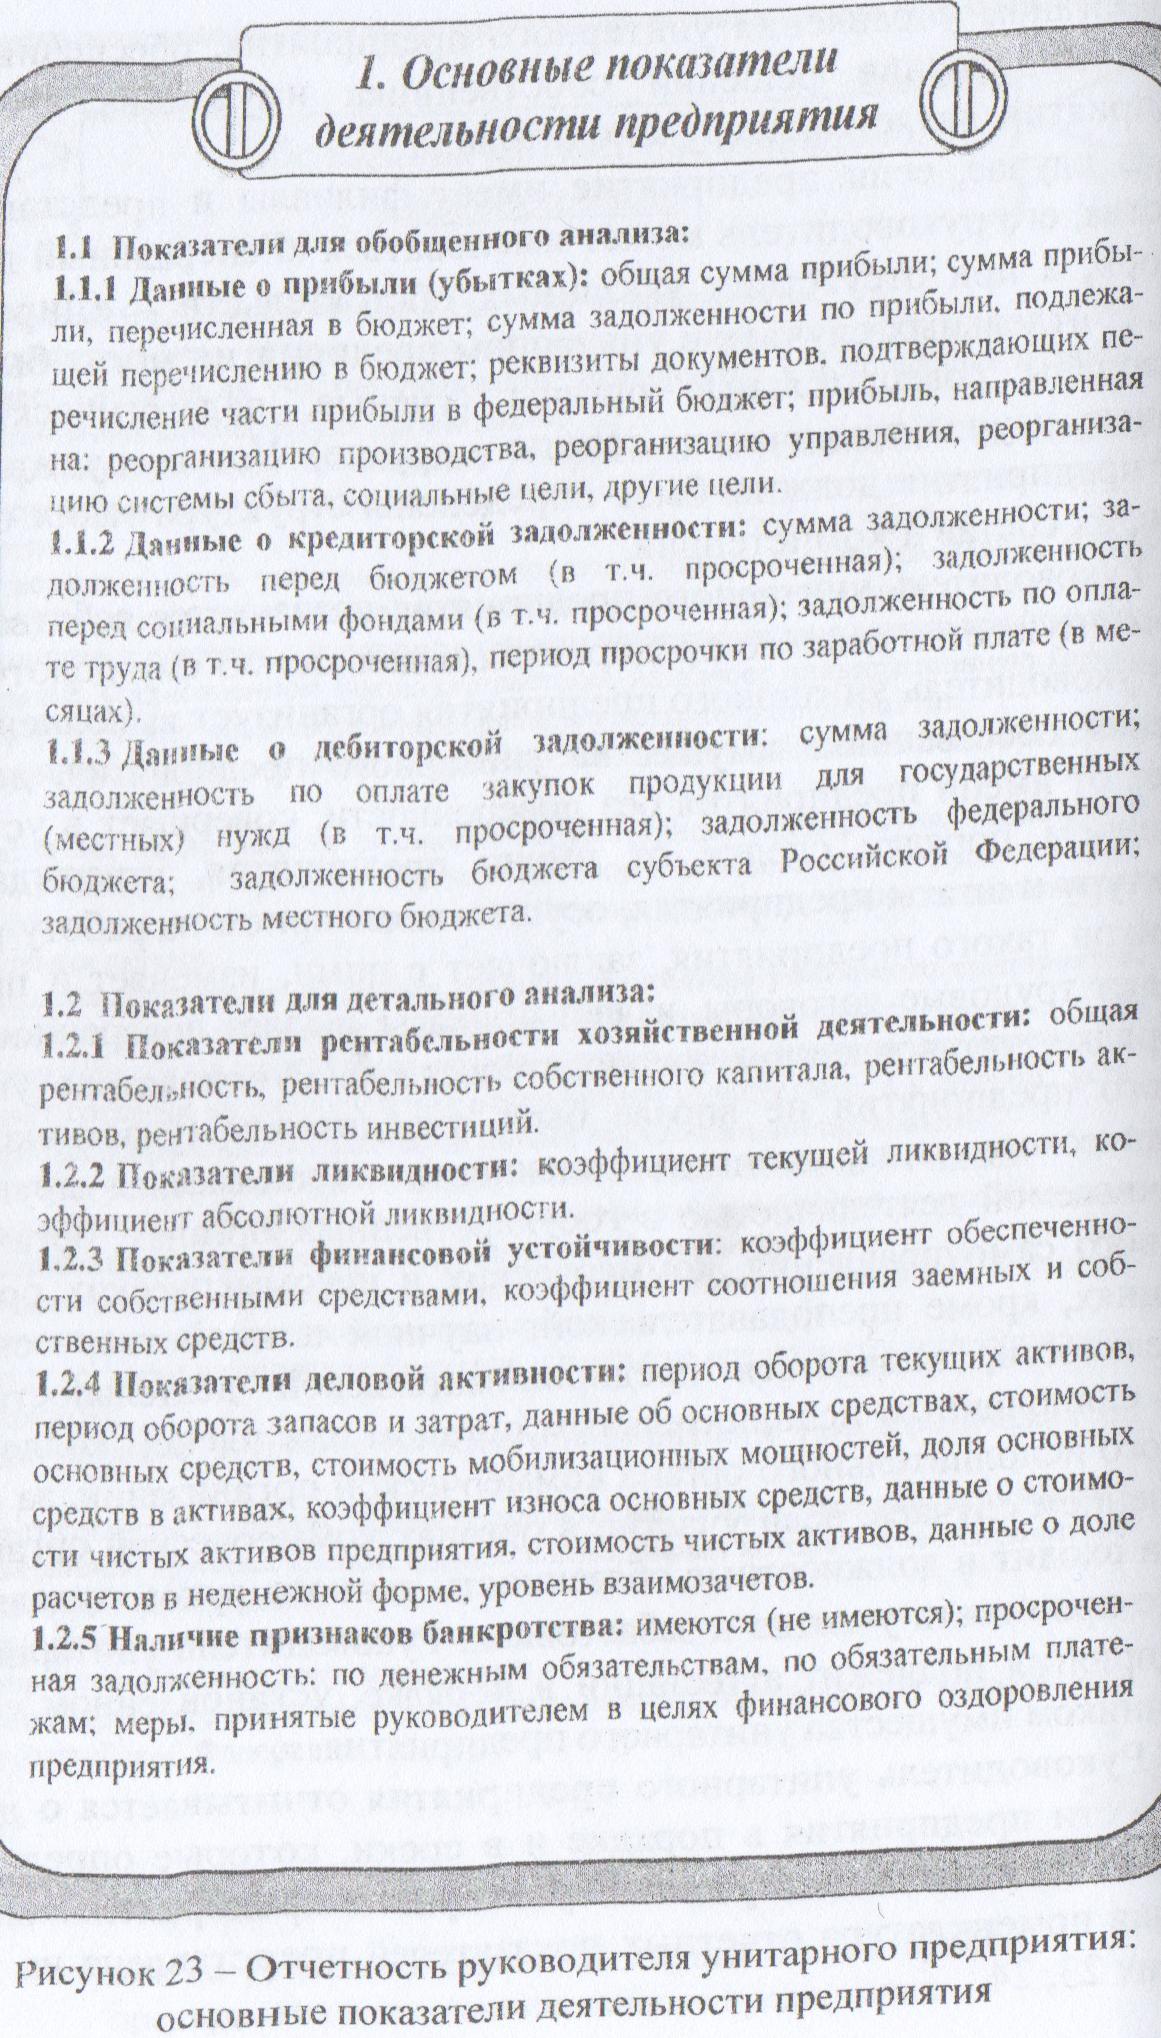 Государственное муниципальное предприятие органы управления